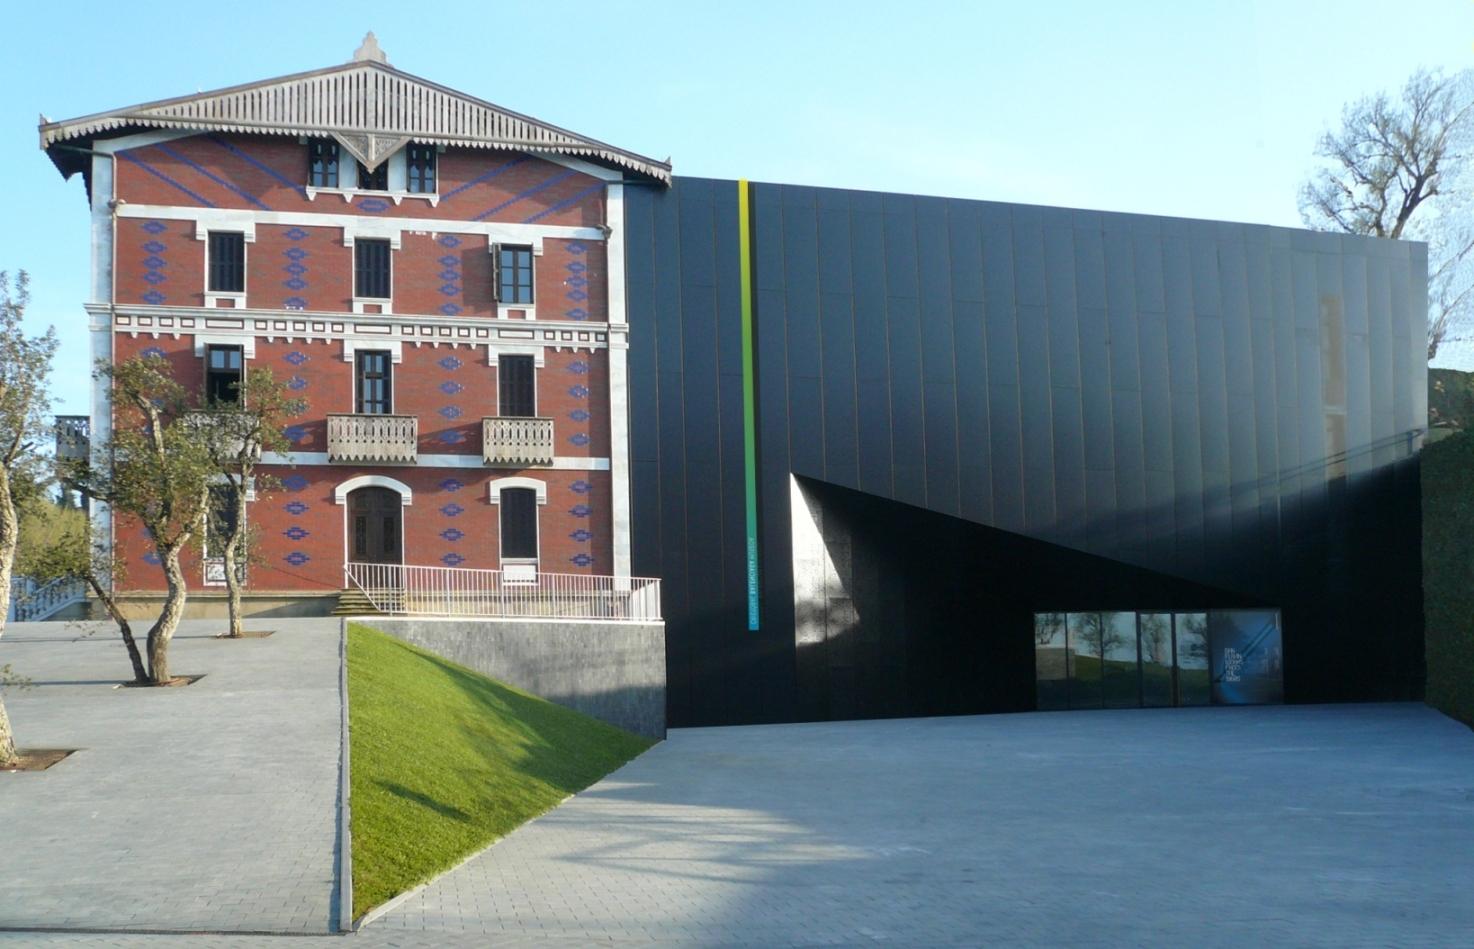 The Lifestyle News: Museo Balenciaga en Getaria, Guipúzcoa